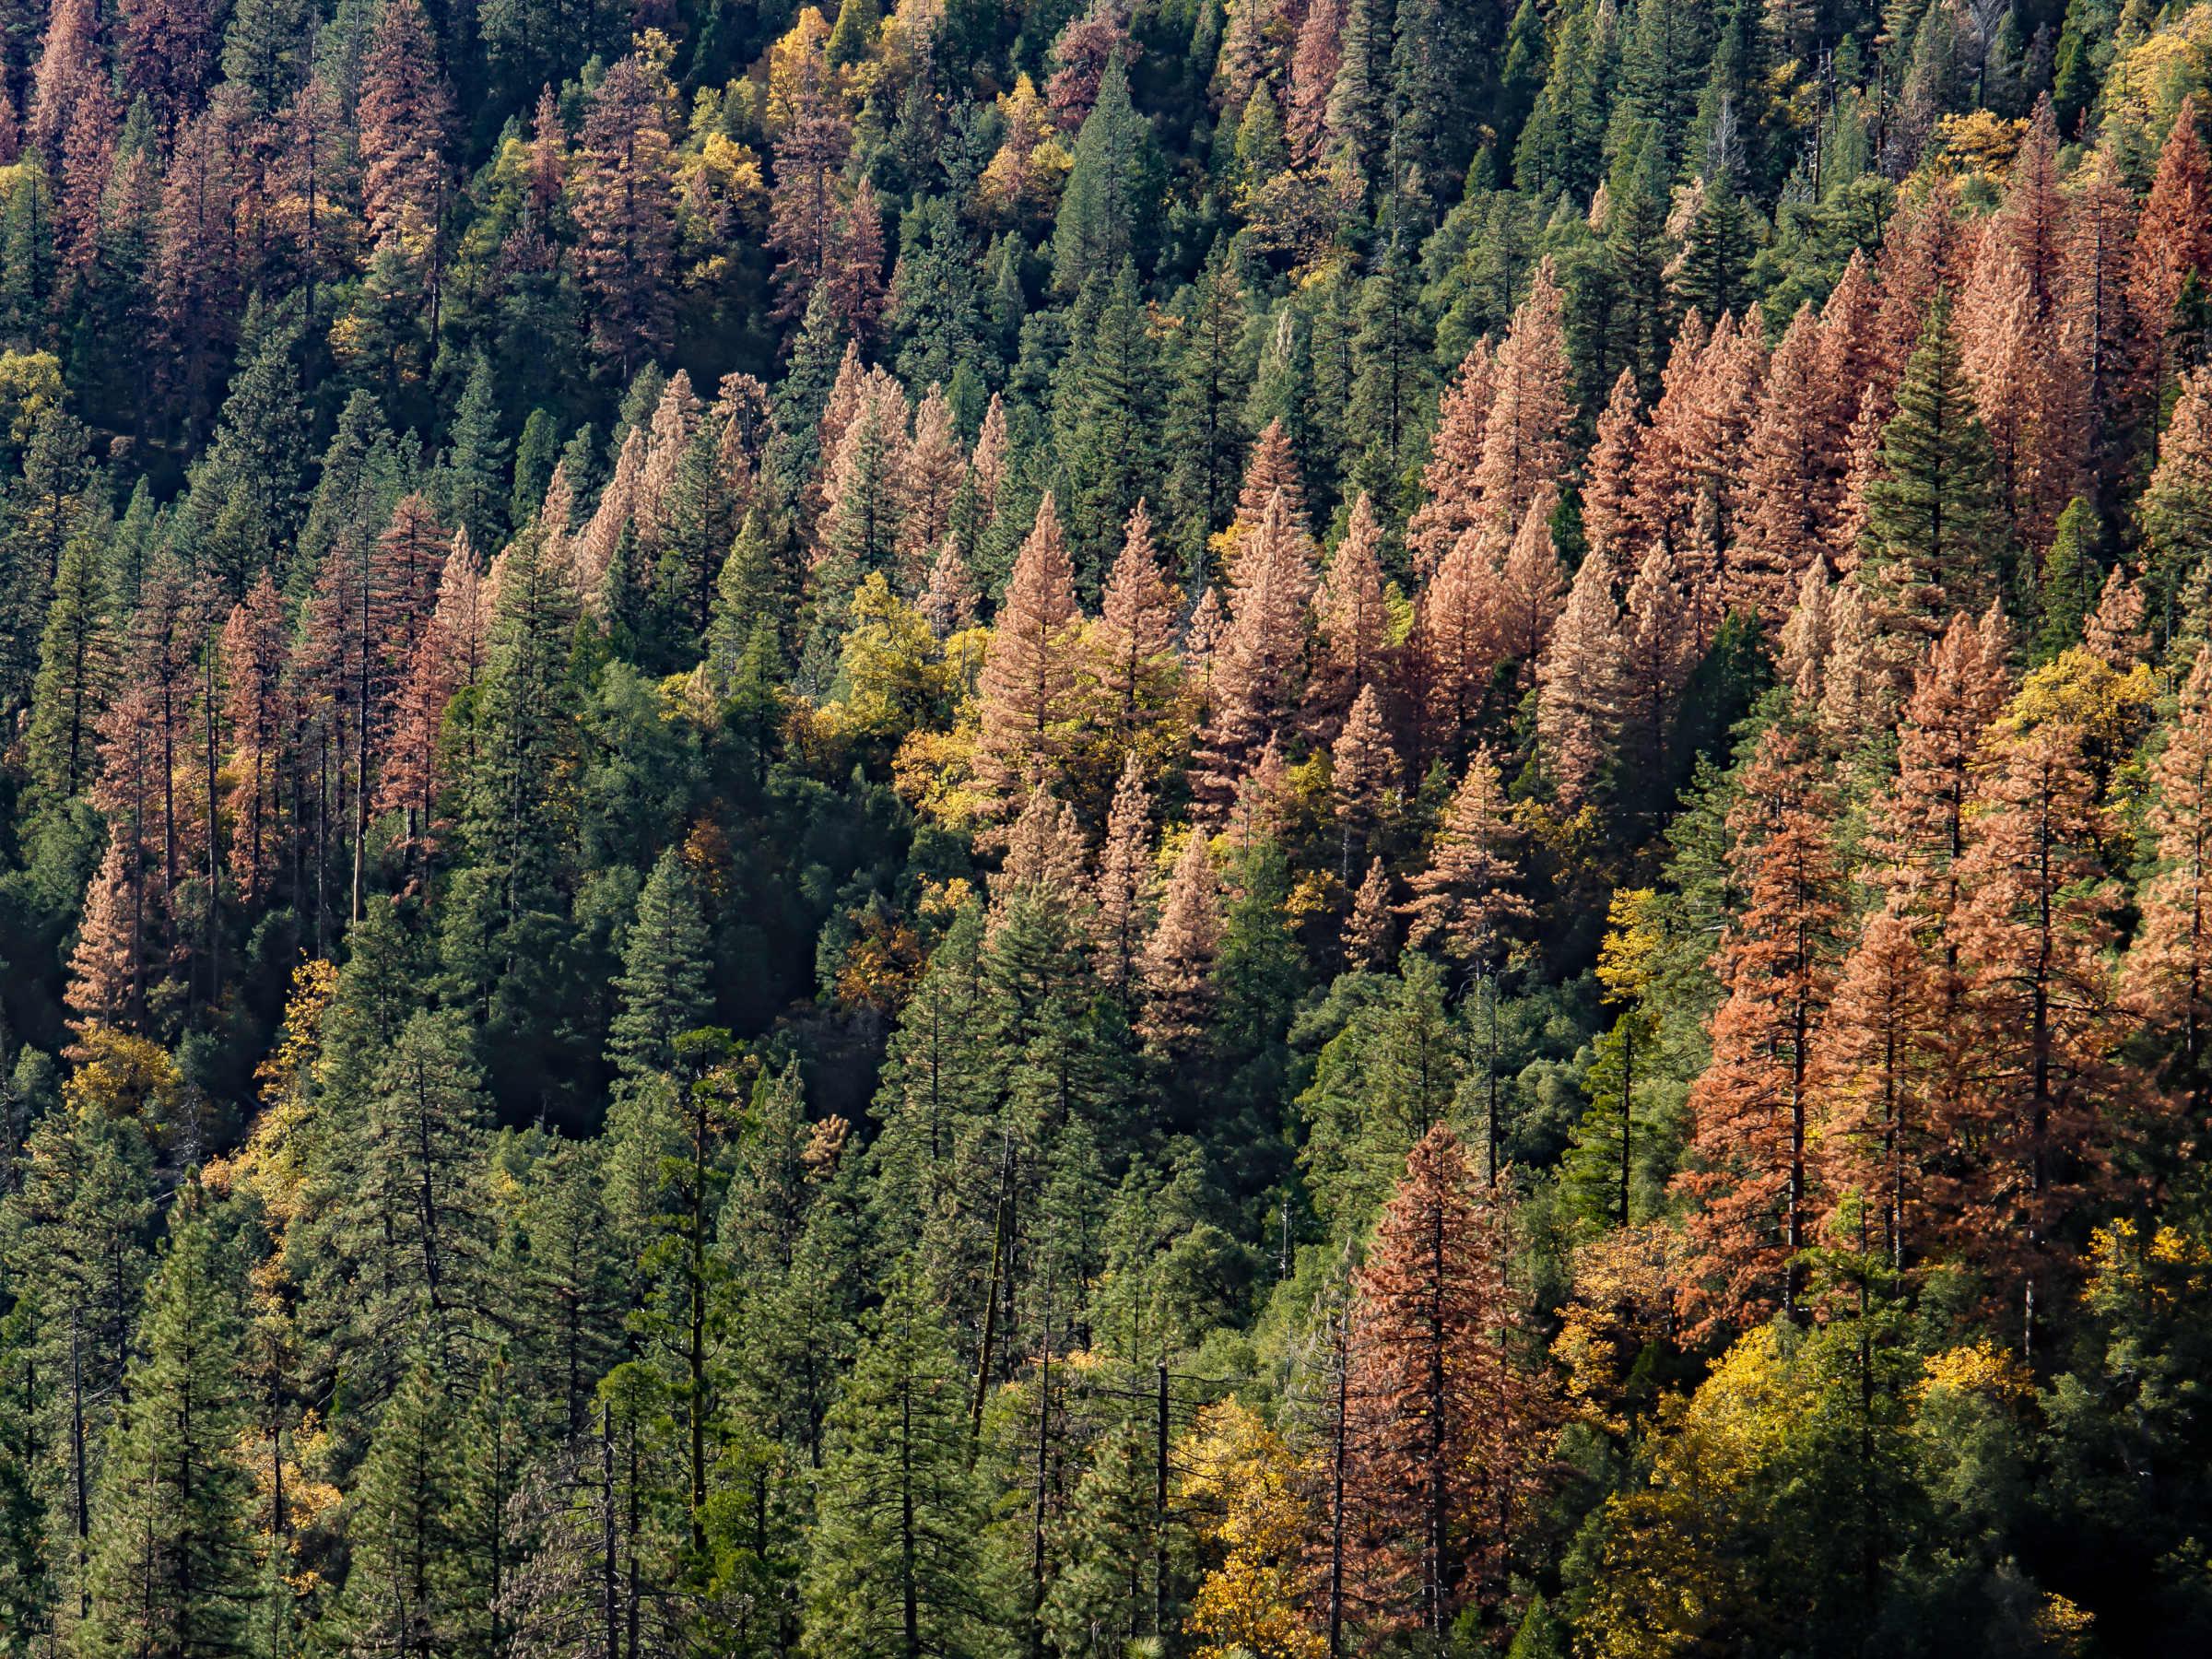 Schwierigkeiten bei der Aufforstung – Der Wald regelt das? | detektor.fm